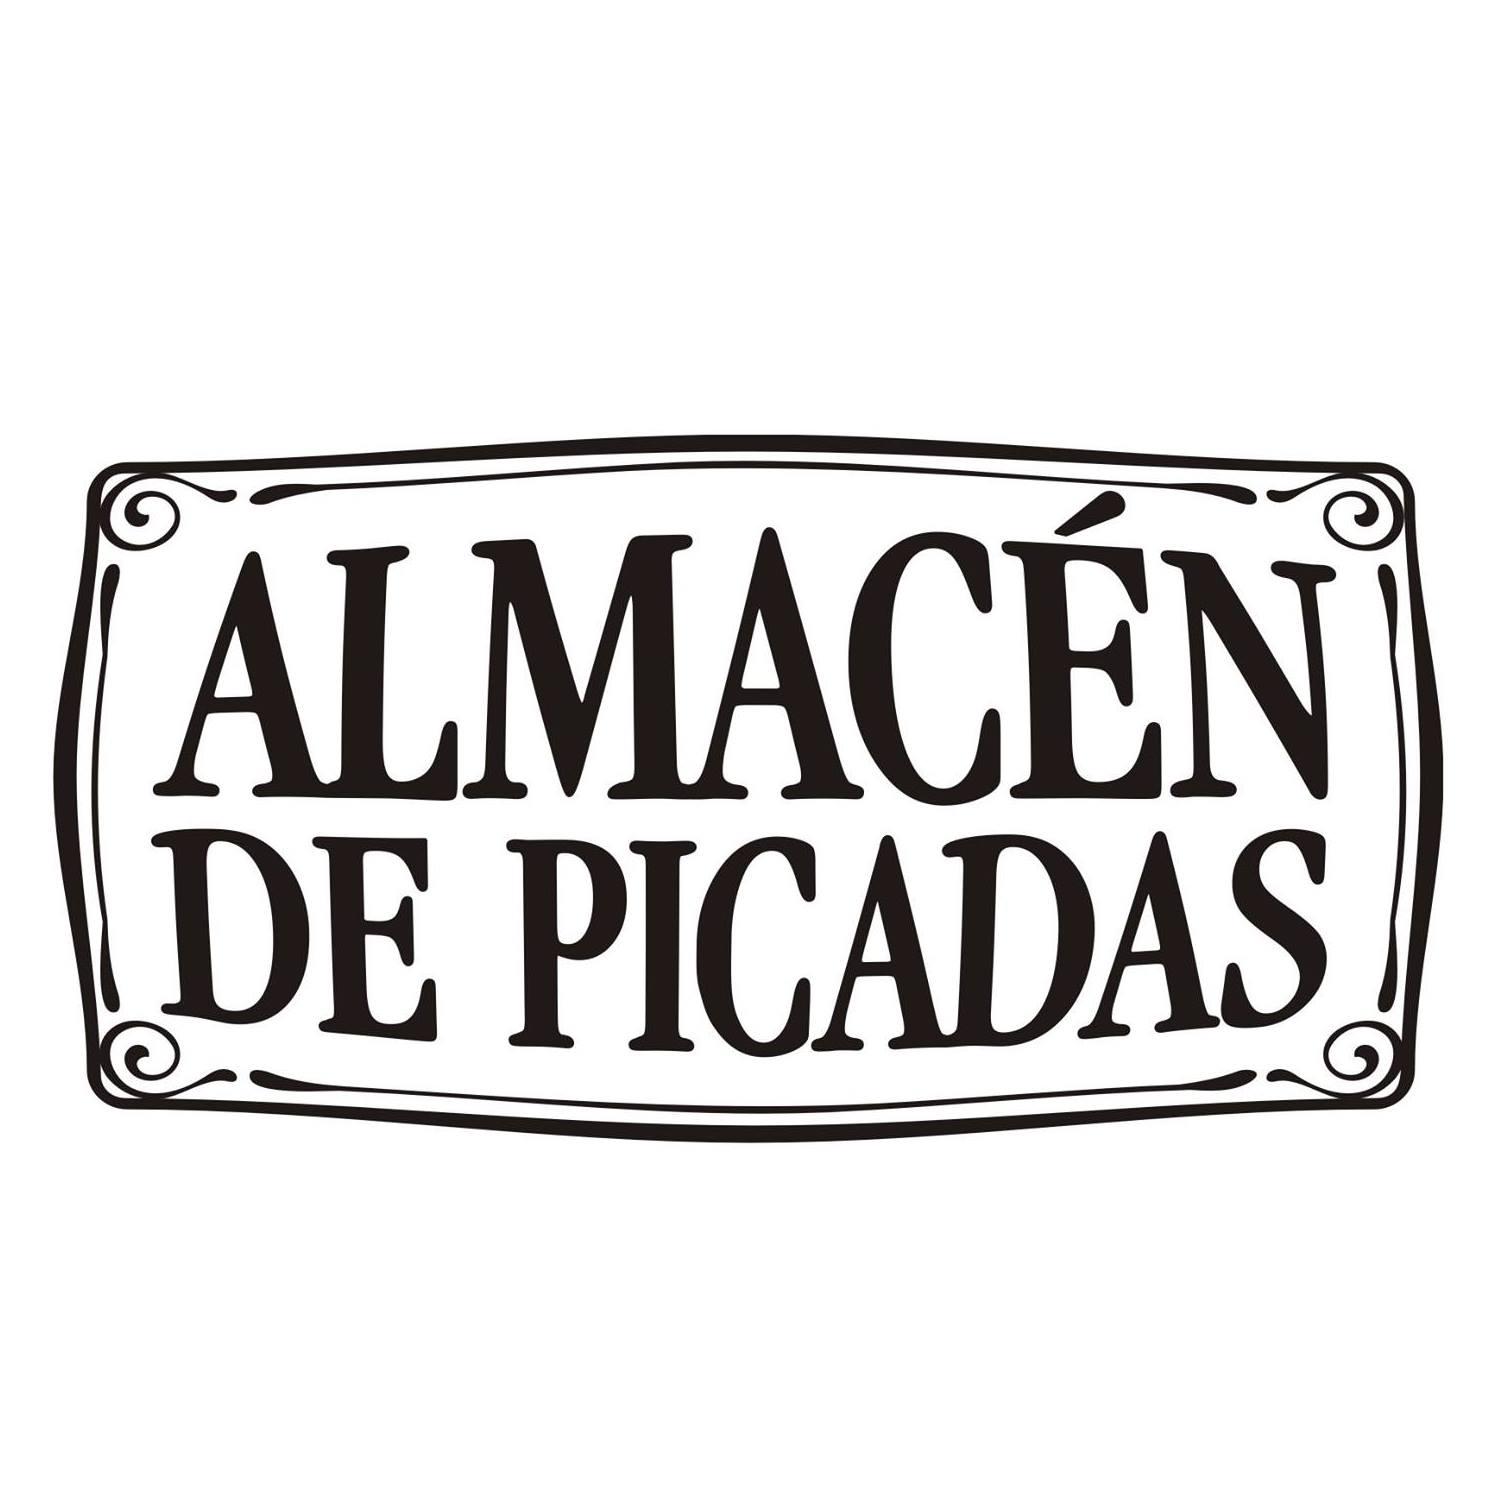 ALMACEN DE PICADAS